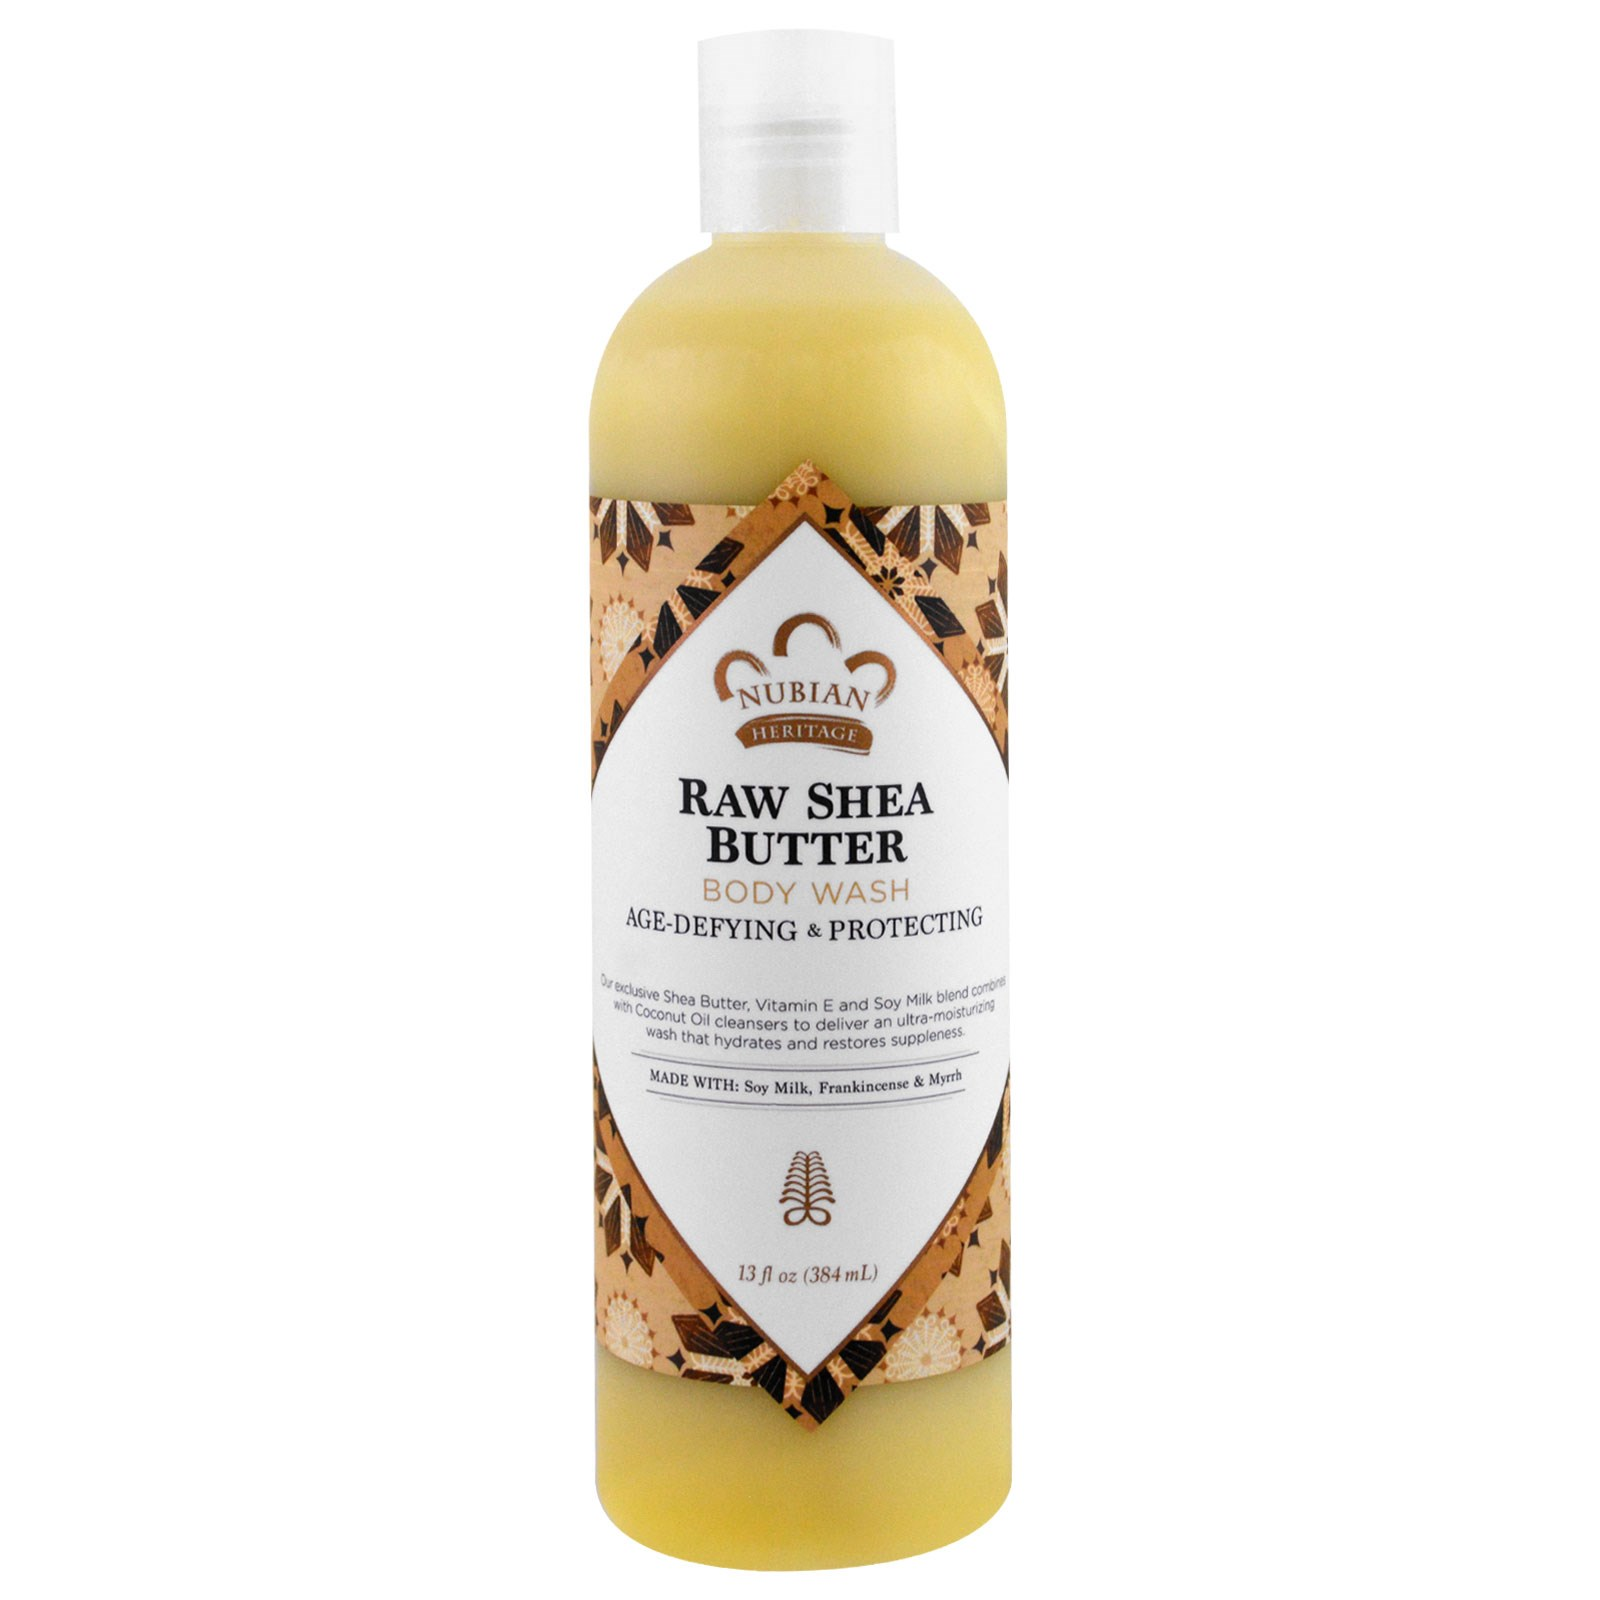 Nubian Heritage, Гель для душа с маслом ши, соевым молоком, витамином Е, ладаном и миррой, 13 жидких унций (384 мл)